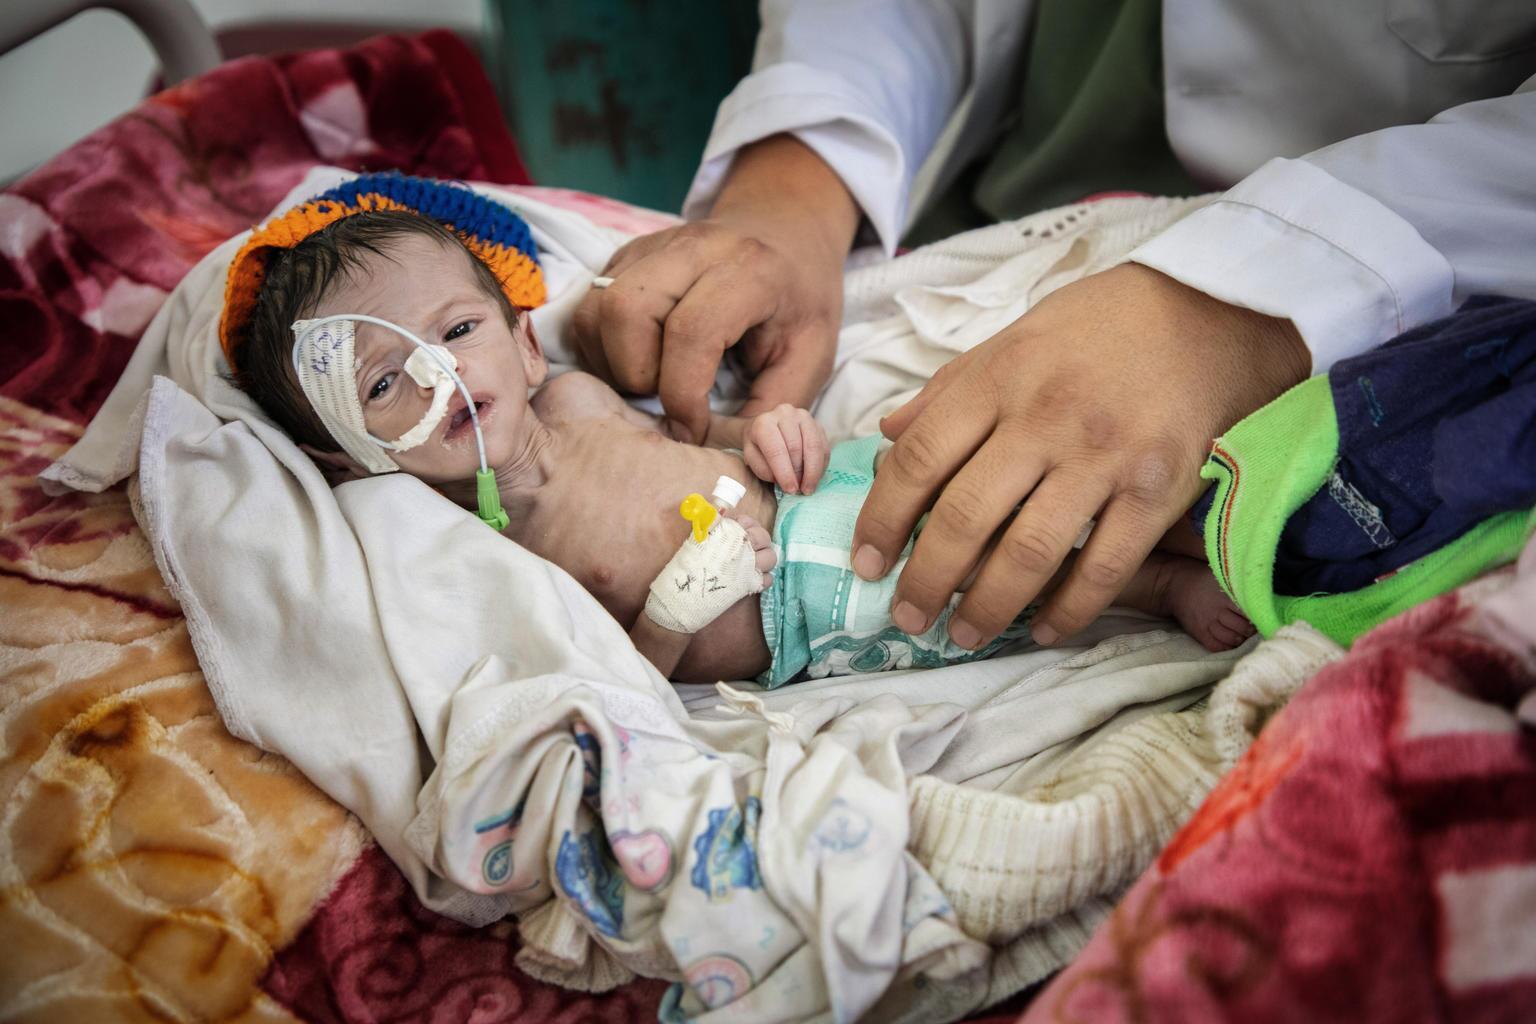 Bild zu Jemen, Mangelernährung, Krankenhaus, Krieg, Kind